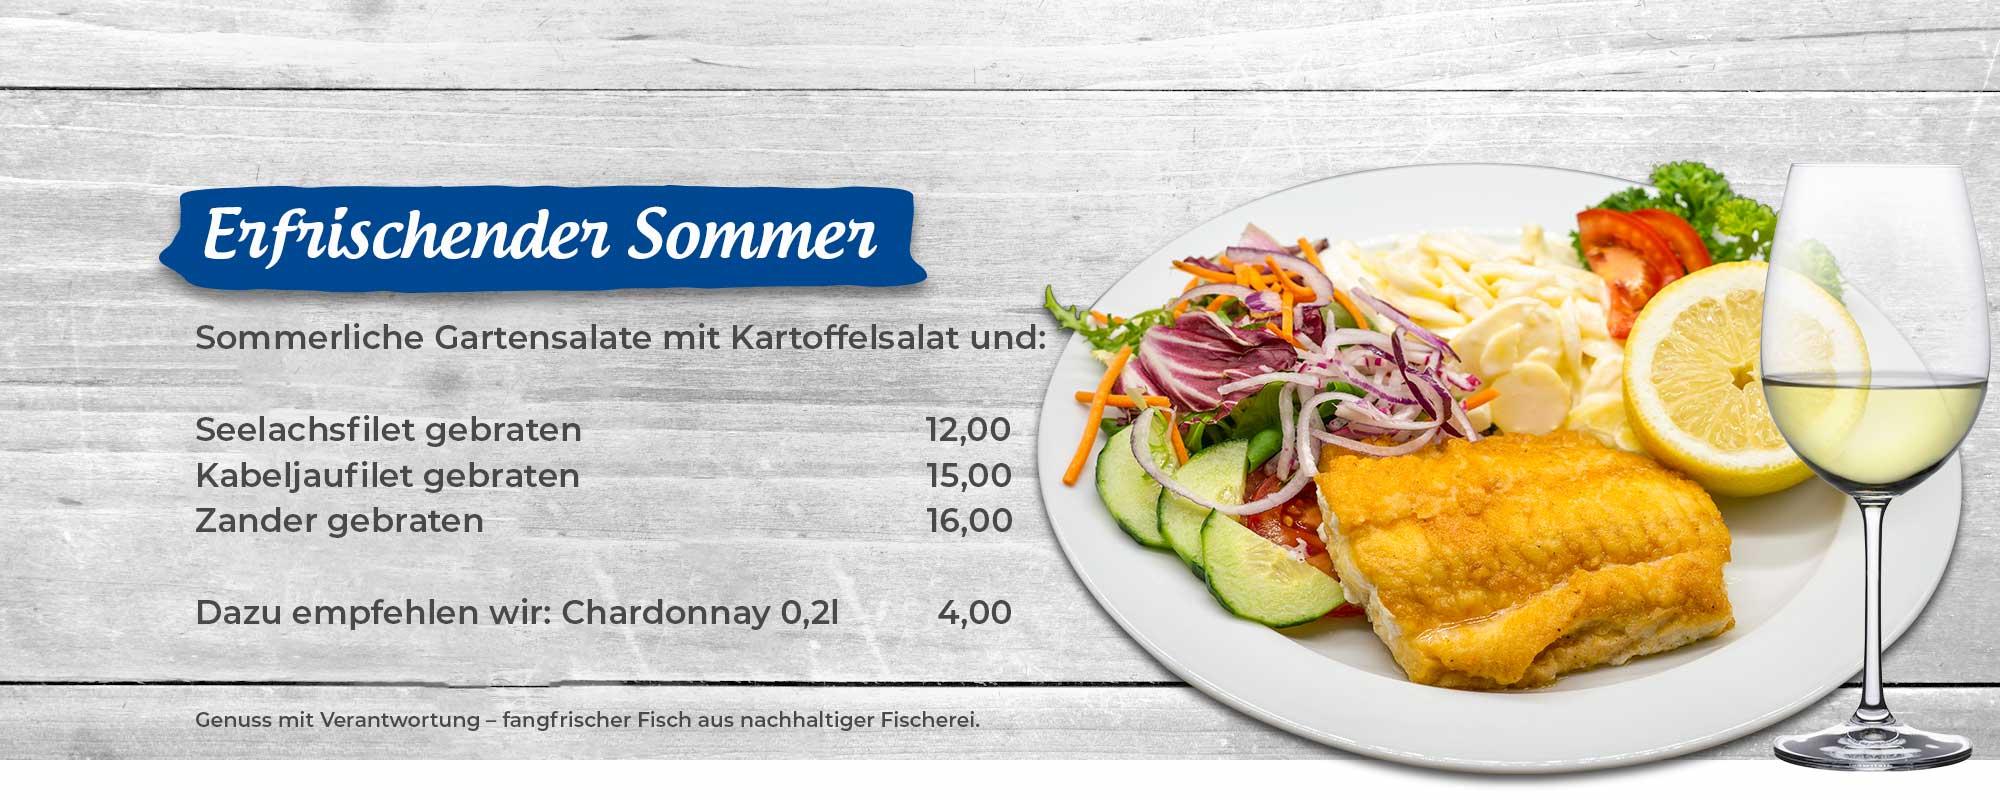 Erfrischender Sommer – Angebot Sommerliche Gartensalate mit Kartoffelsalat und dazu wahlweise Seelachsfilet, Kabeljaufilet oder Zanderfilet gebraten. Dazu empfehlen wir ein Glas Chardonnay.